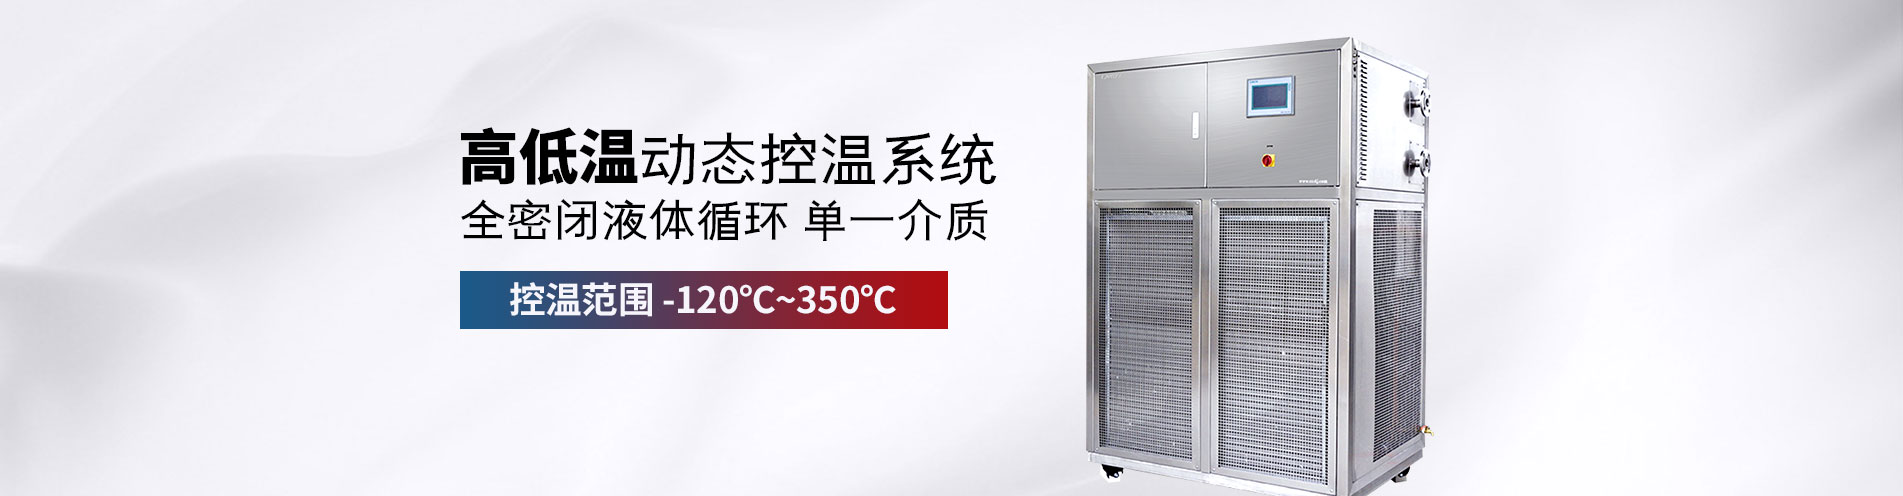 制冷加热 高低温